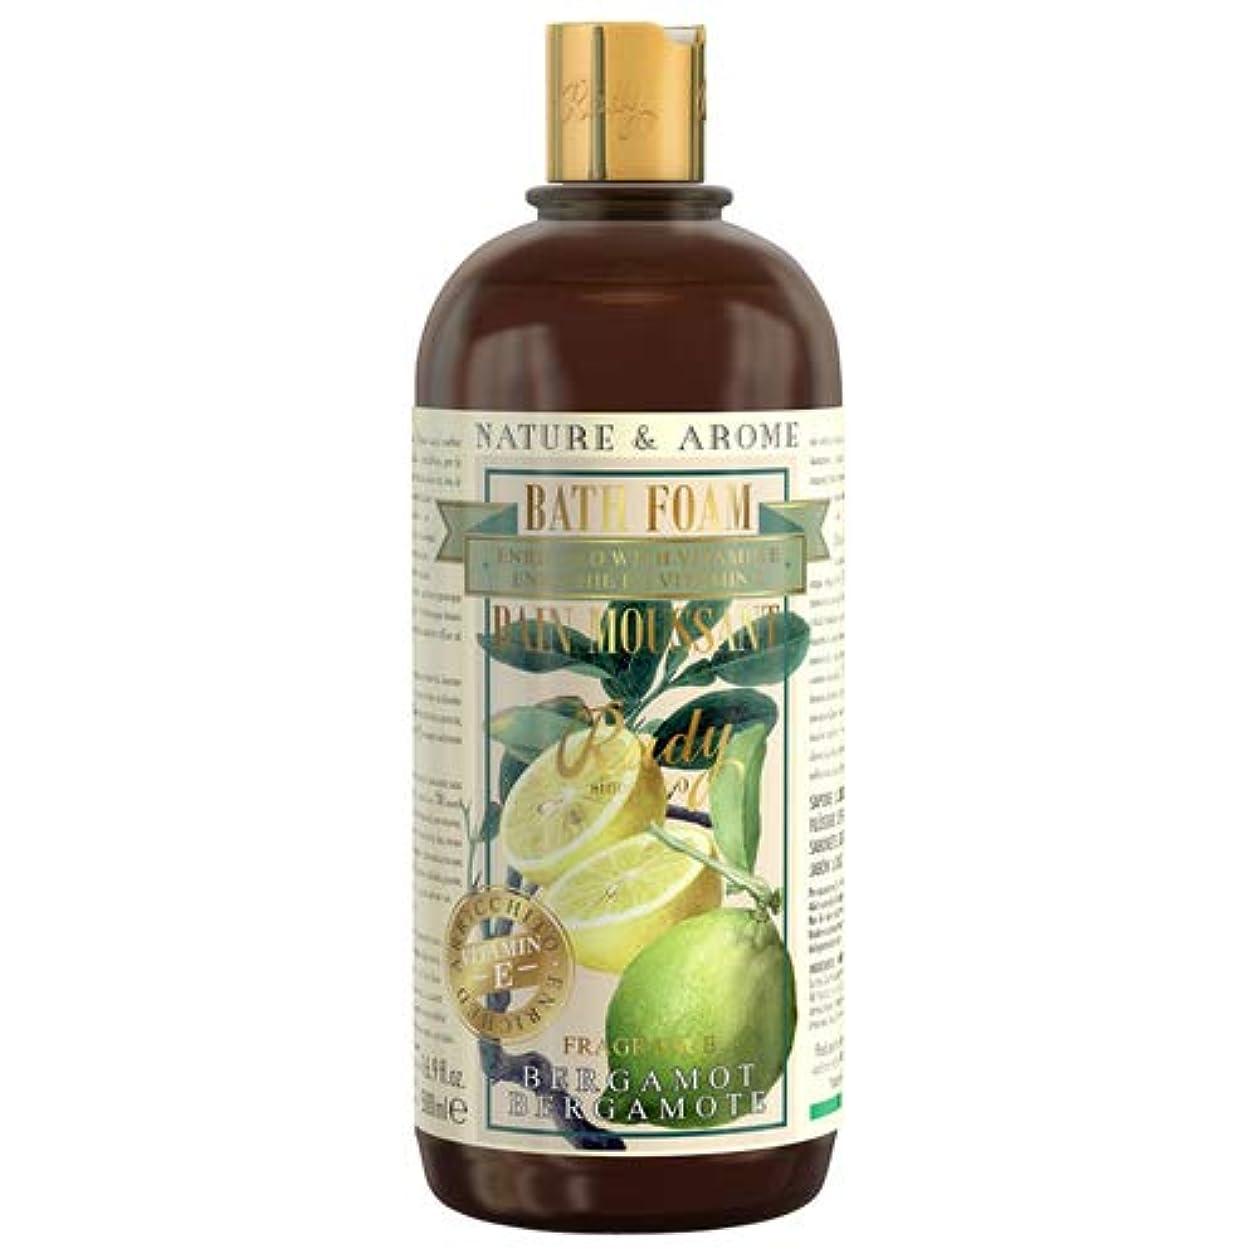 ストッキングモンク不毛のRUDY Nature&Arome Apothecary ネイチャーアロマ アポセカリー Bath & Shower Gel バス&シャワージェル Bergamot ベルガモット